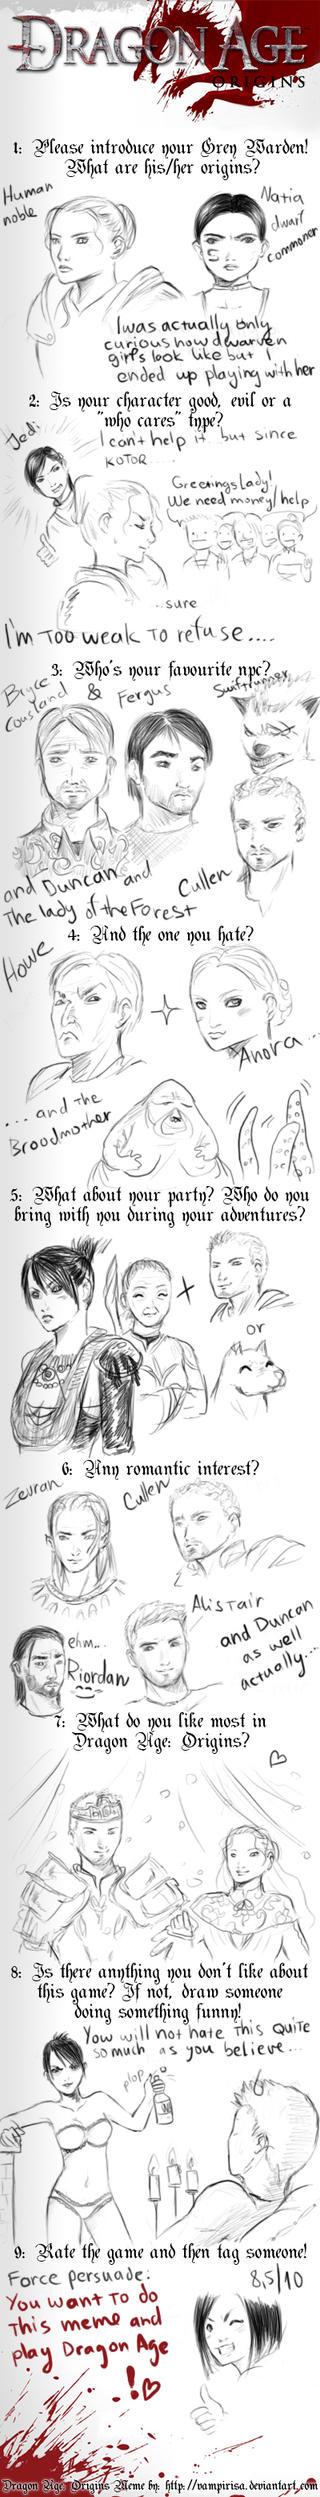 Dragon Age : origins meme by Norwen